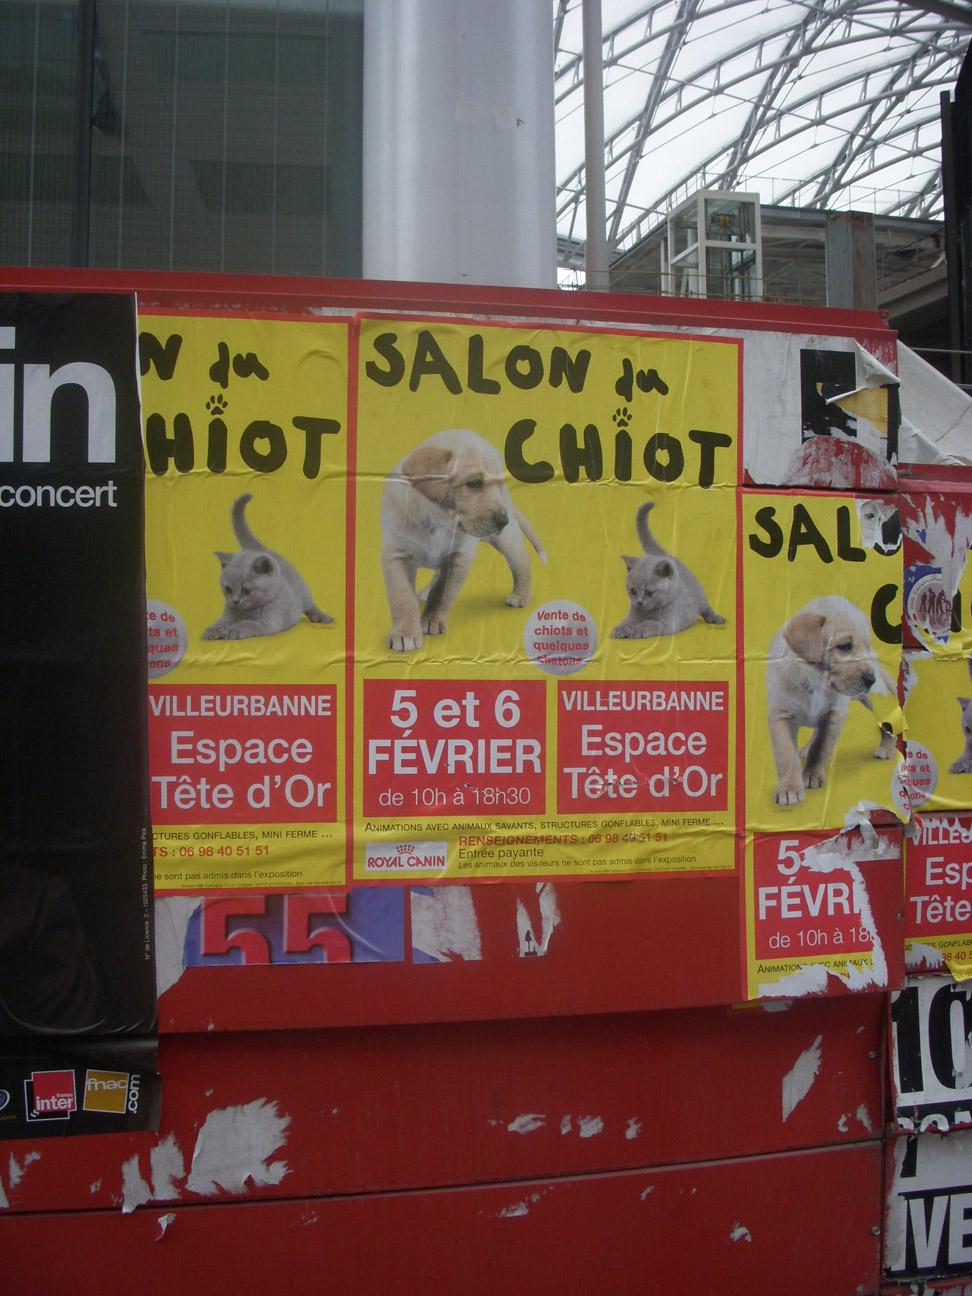 Poutine au gruy re mars 2011 for Salon du chiot lyon